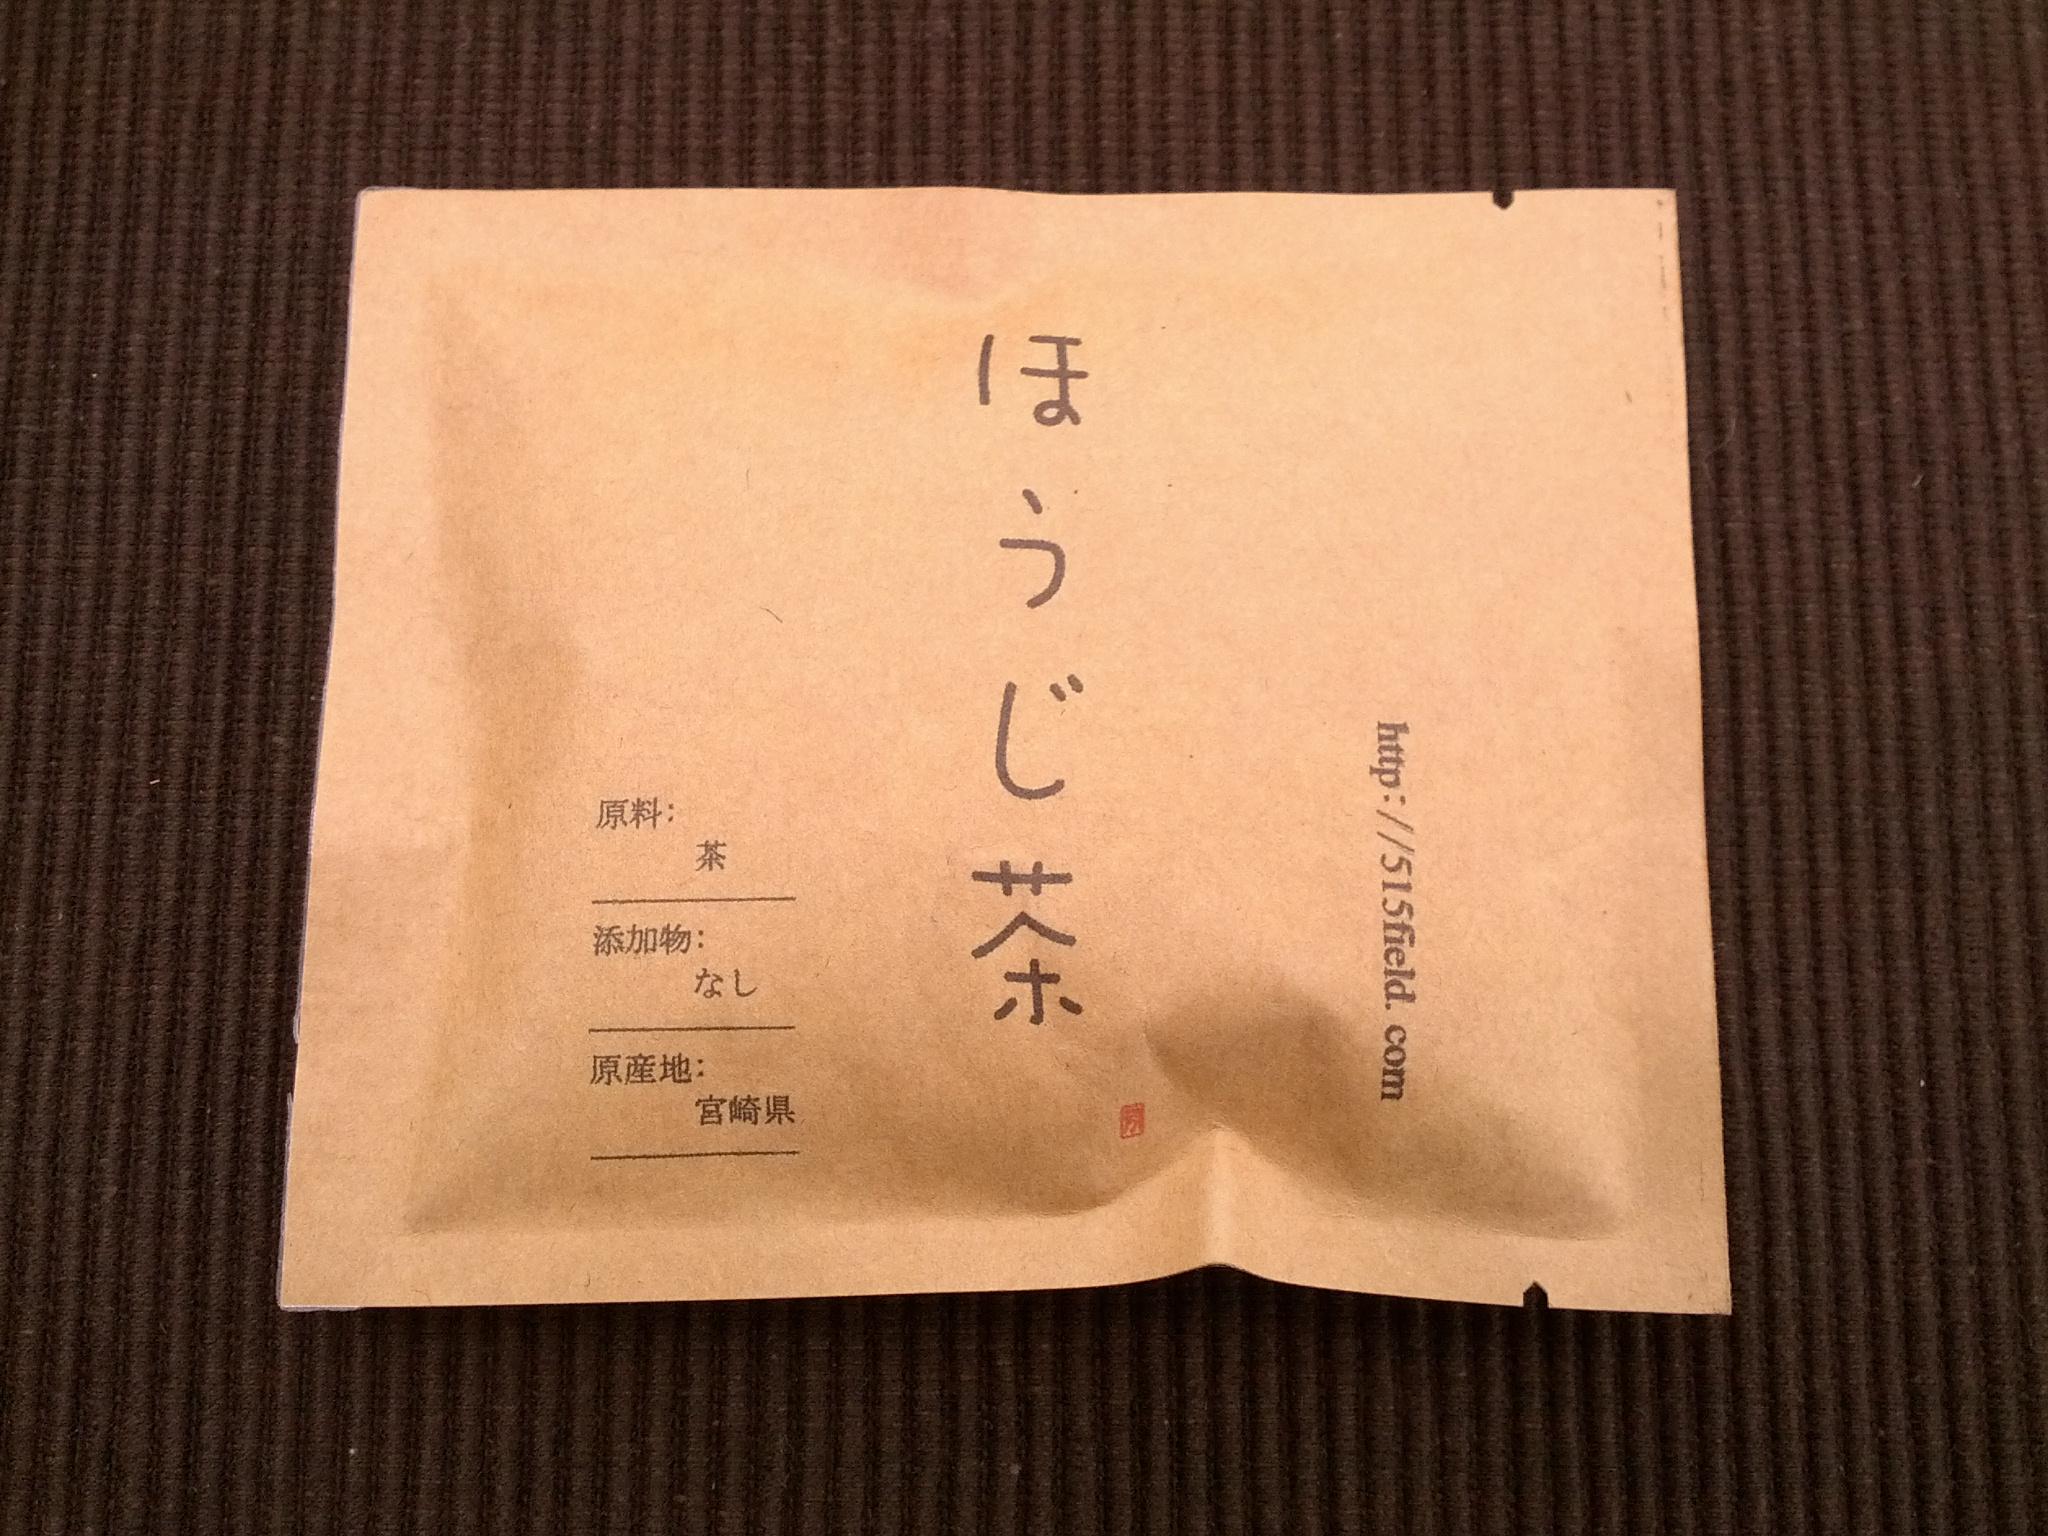 ほうじ茶 20g